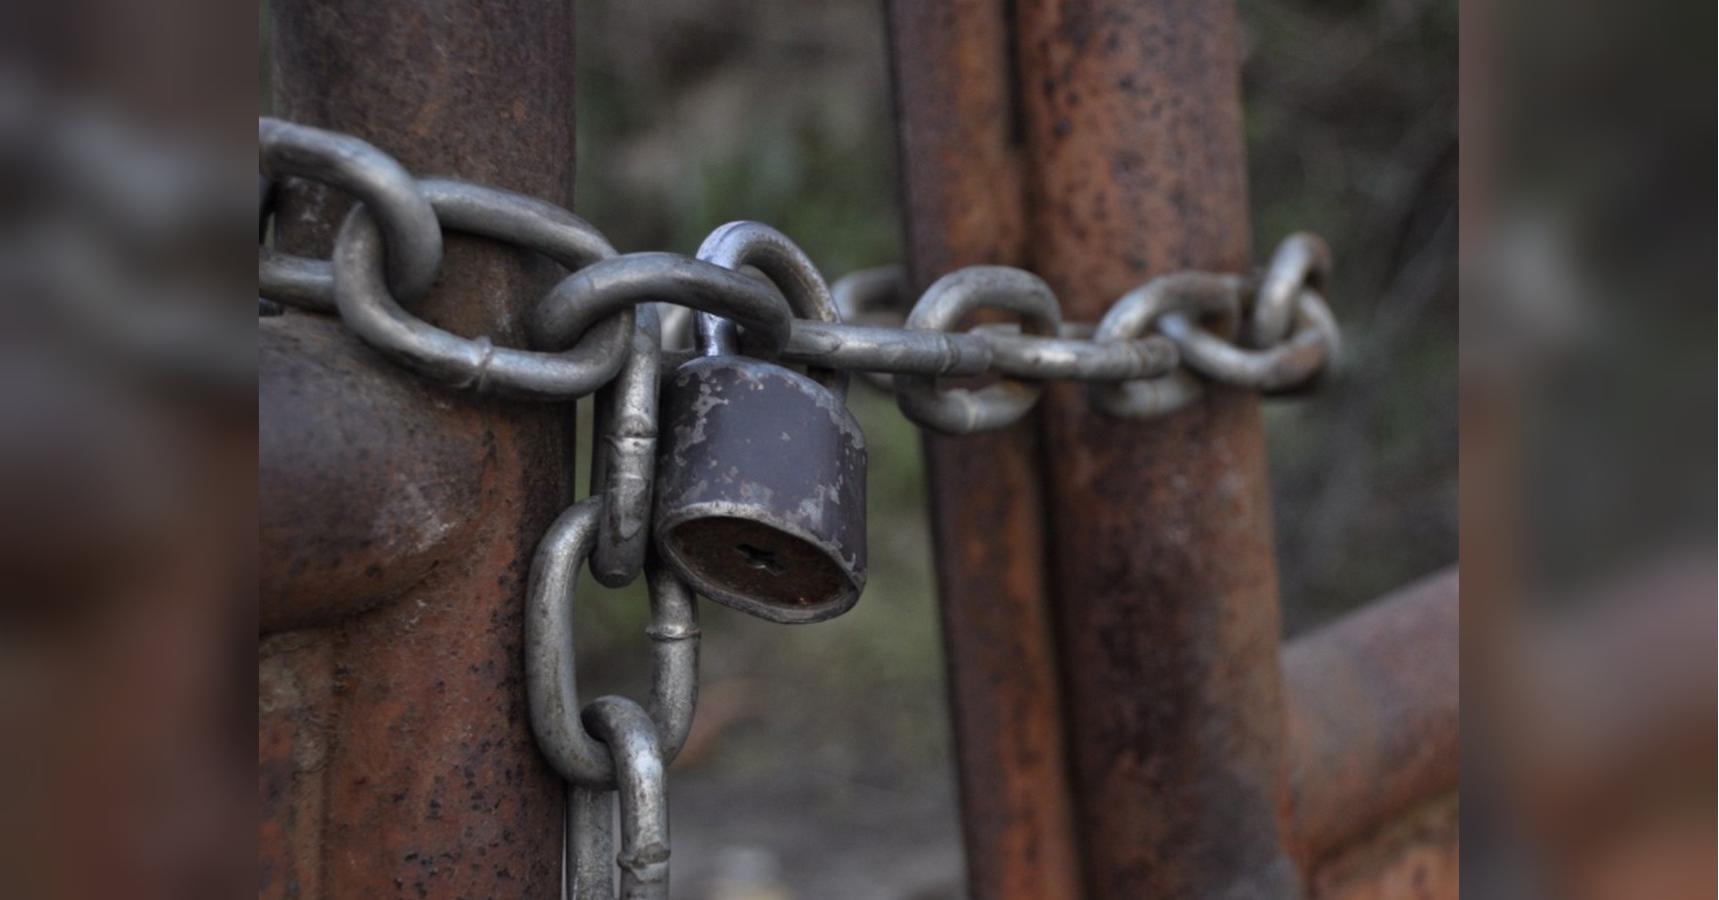 В Николаевской области опекуны десять лет держали пенсионера на цепи: жуткие подробности - today.ua